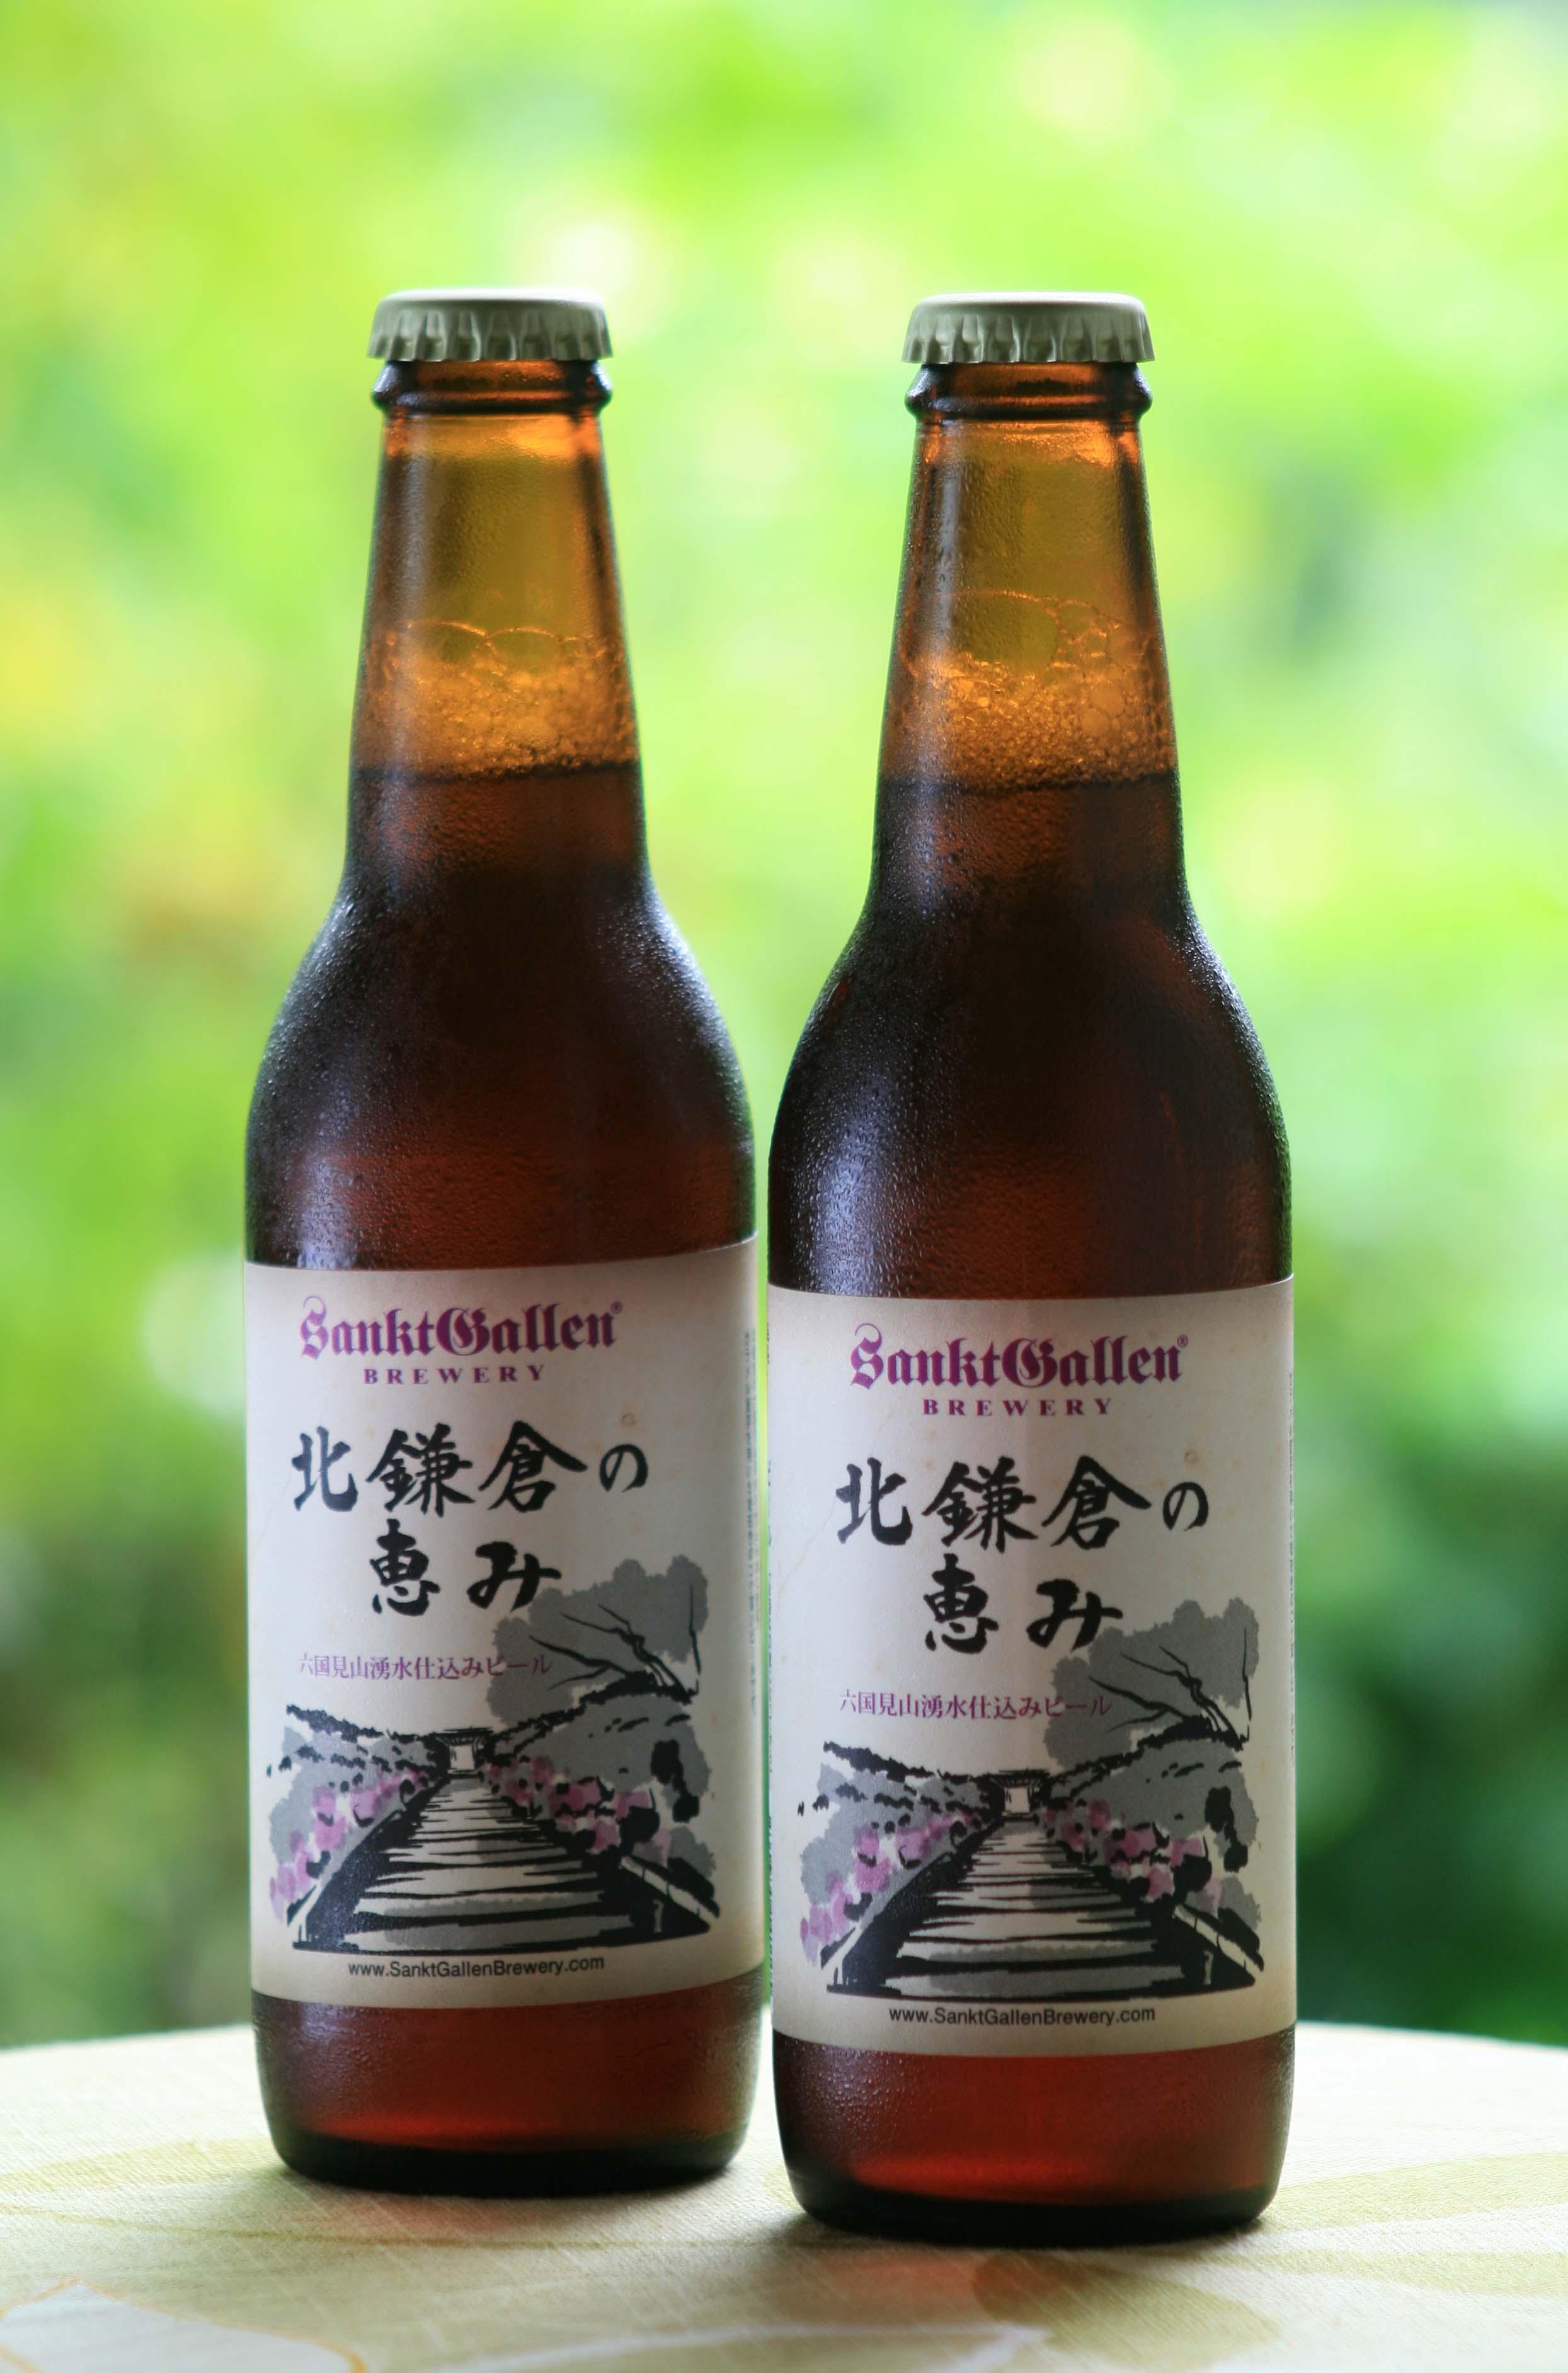 地ビール「北鎌倉の恵み」の初回の寄付額は29,864円 _c0014967_17535340.jpg